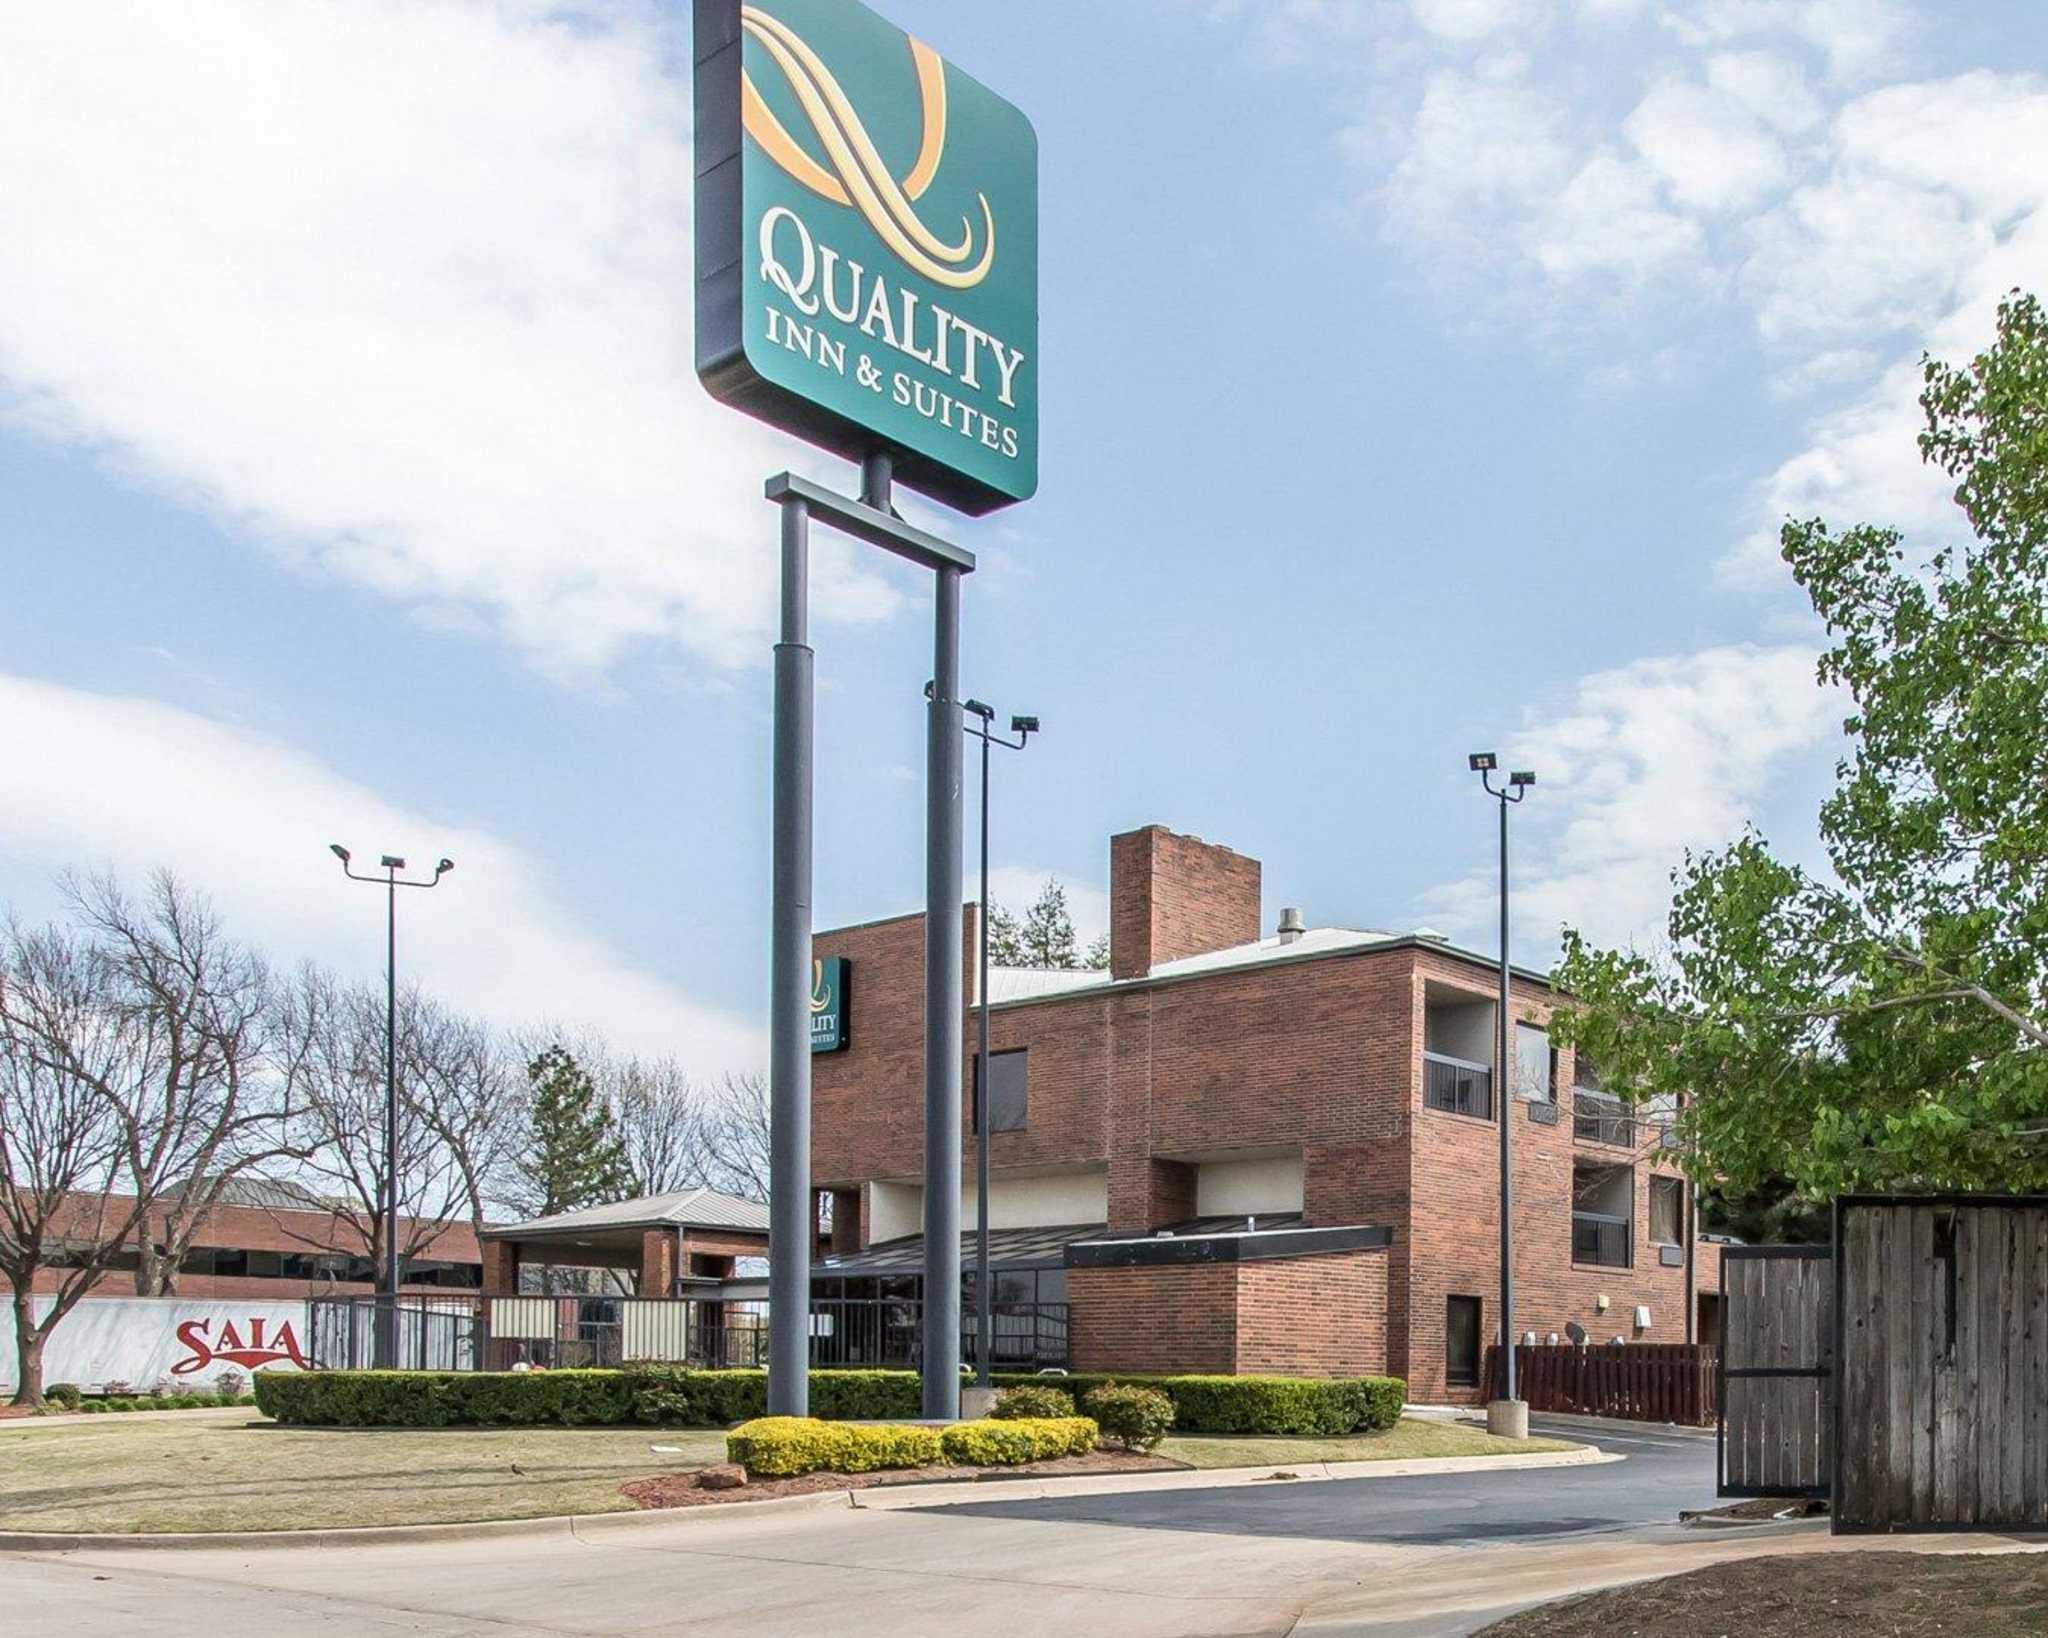 Quality Inn & Suites Fairgrounds West image 3